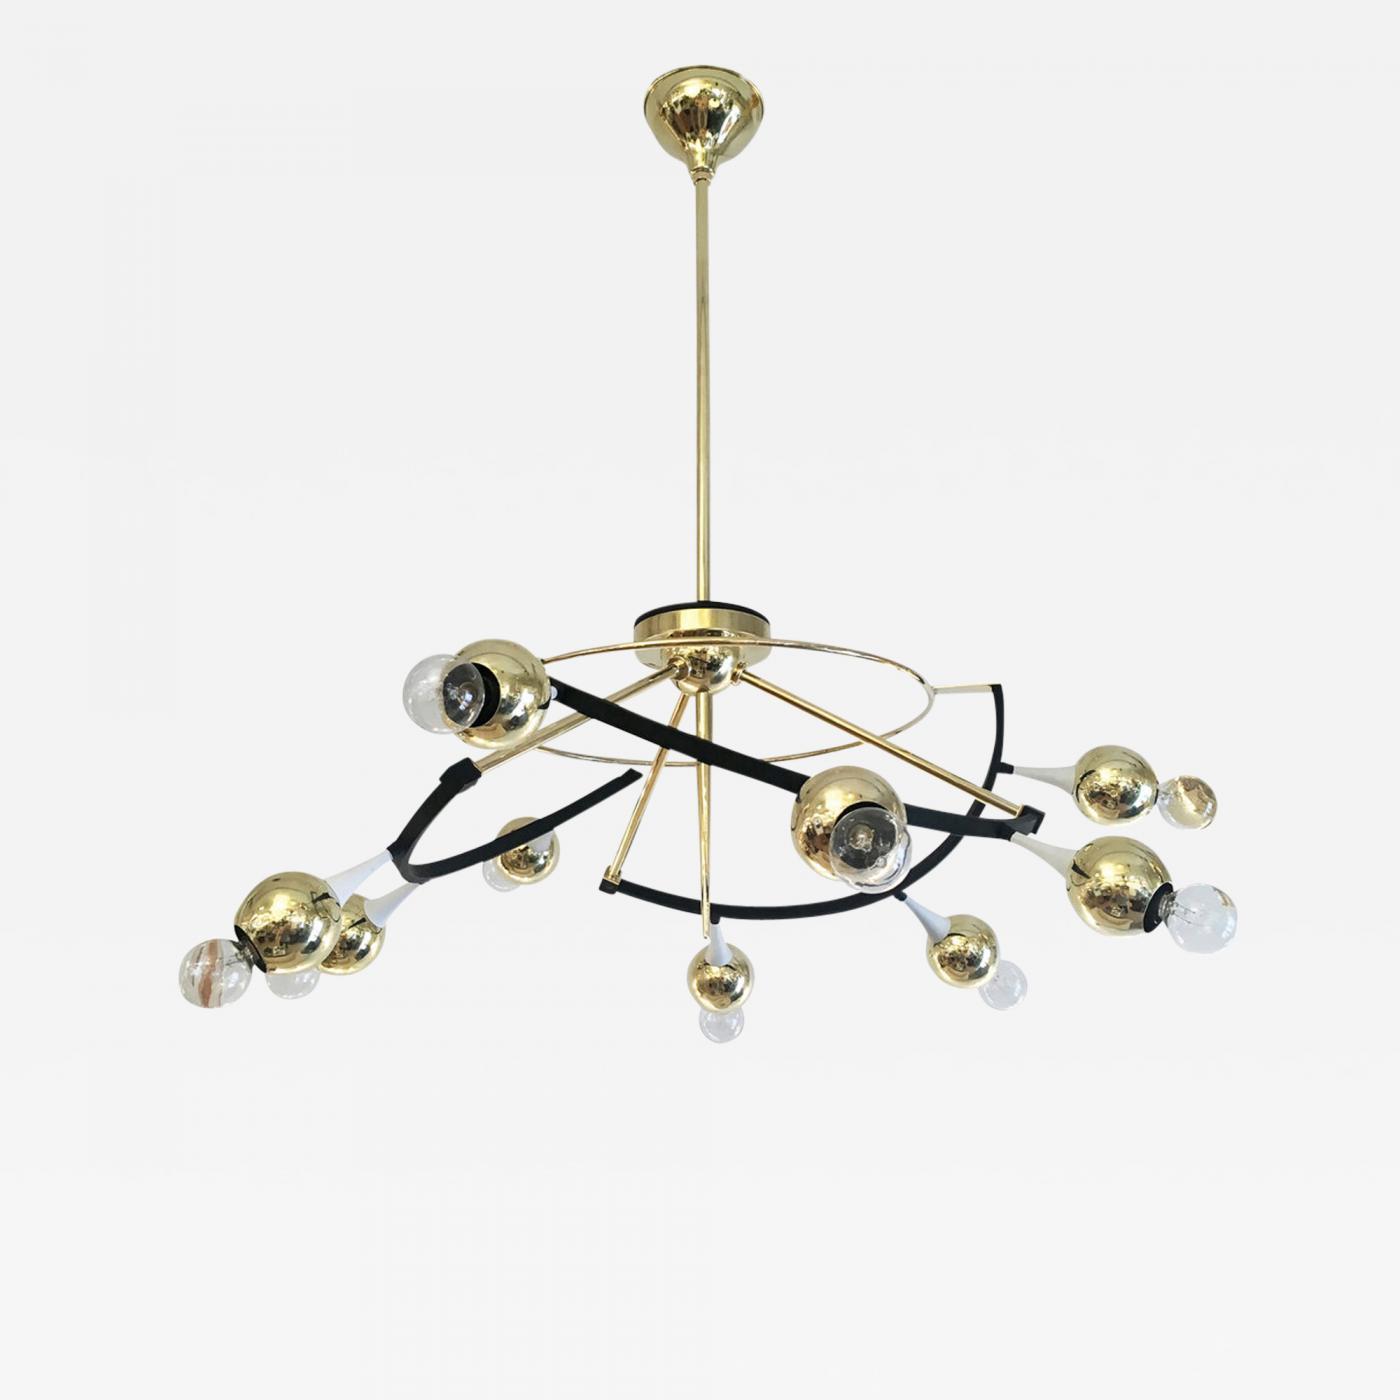 Stilnovo orbital stilnovo chandelier italy 1960s listings furniture lighting chandeliers and pendants aloadofball Gallery